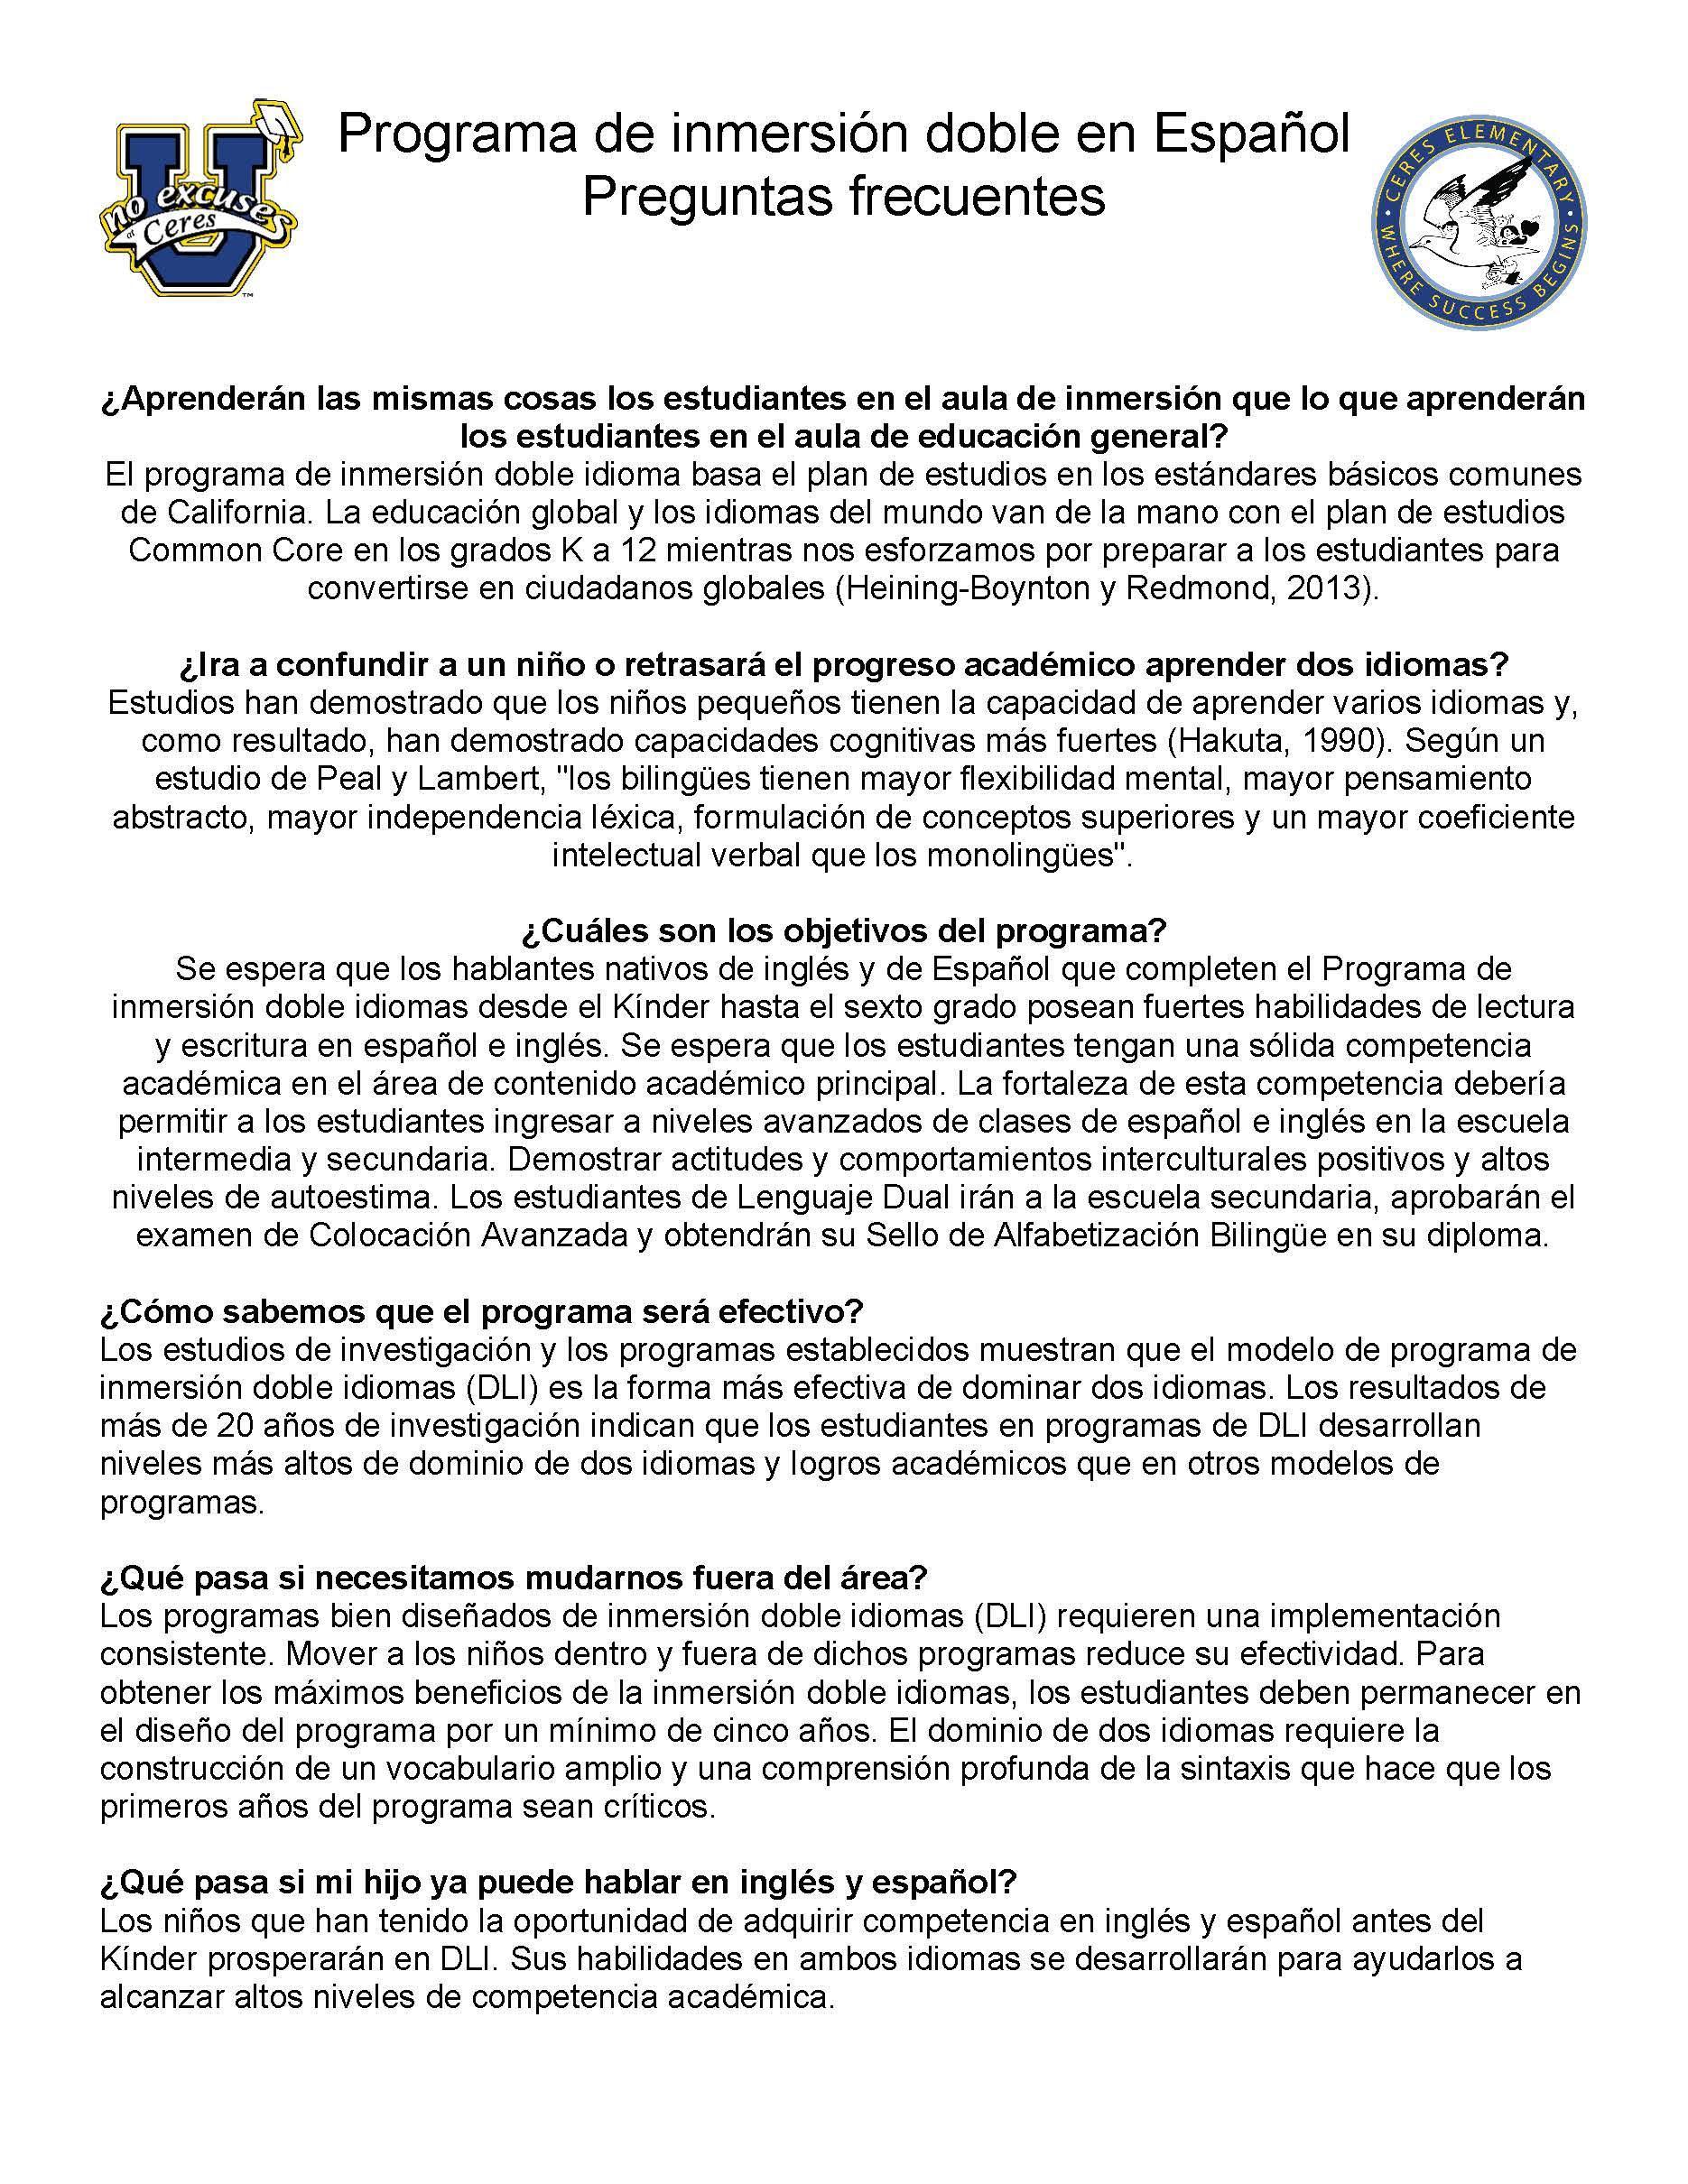 DLI FAQs Espanol_Page_1